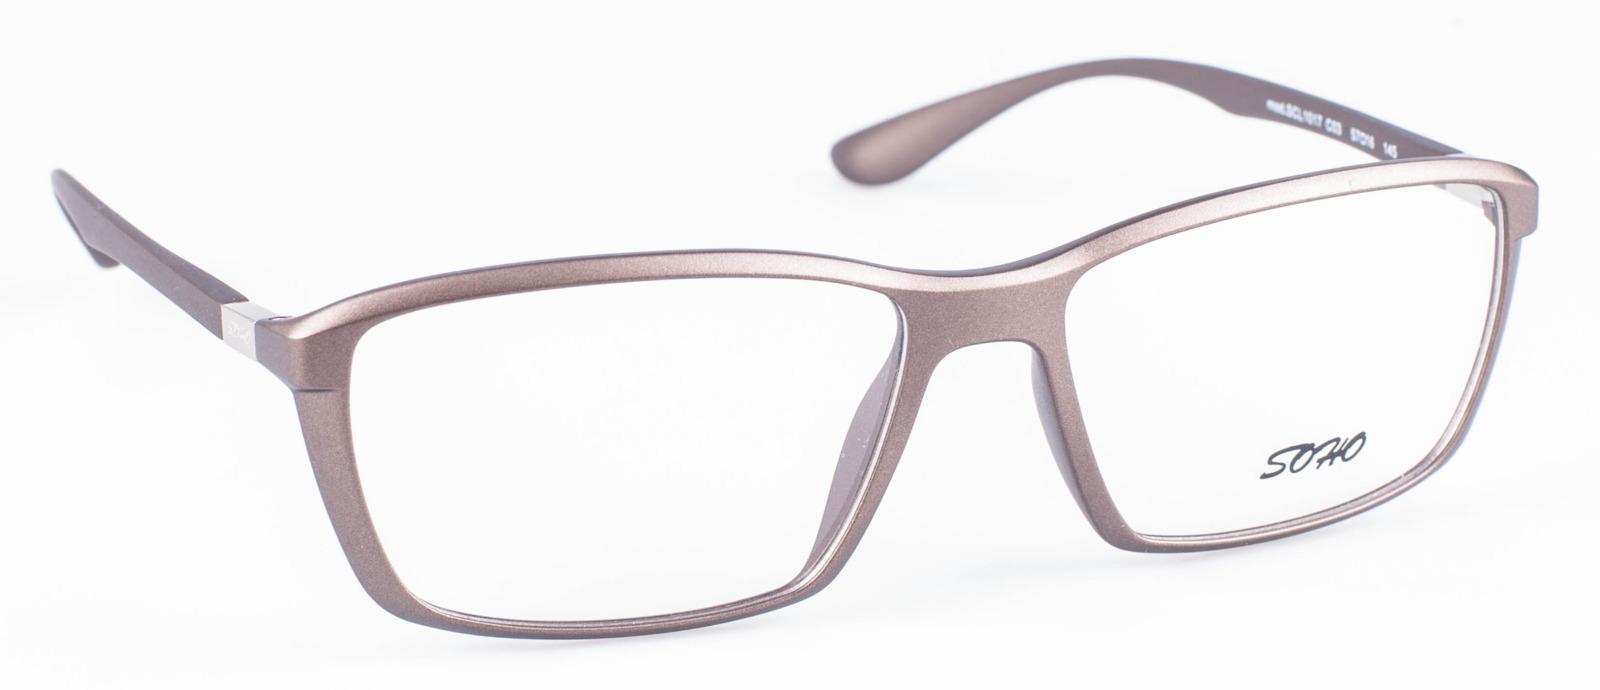 Оправа для очков мужская Soho, SCL1017 C03, бронза оправа для очков dixon 2014 d9917